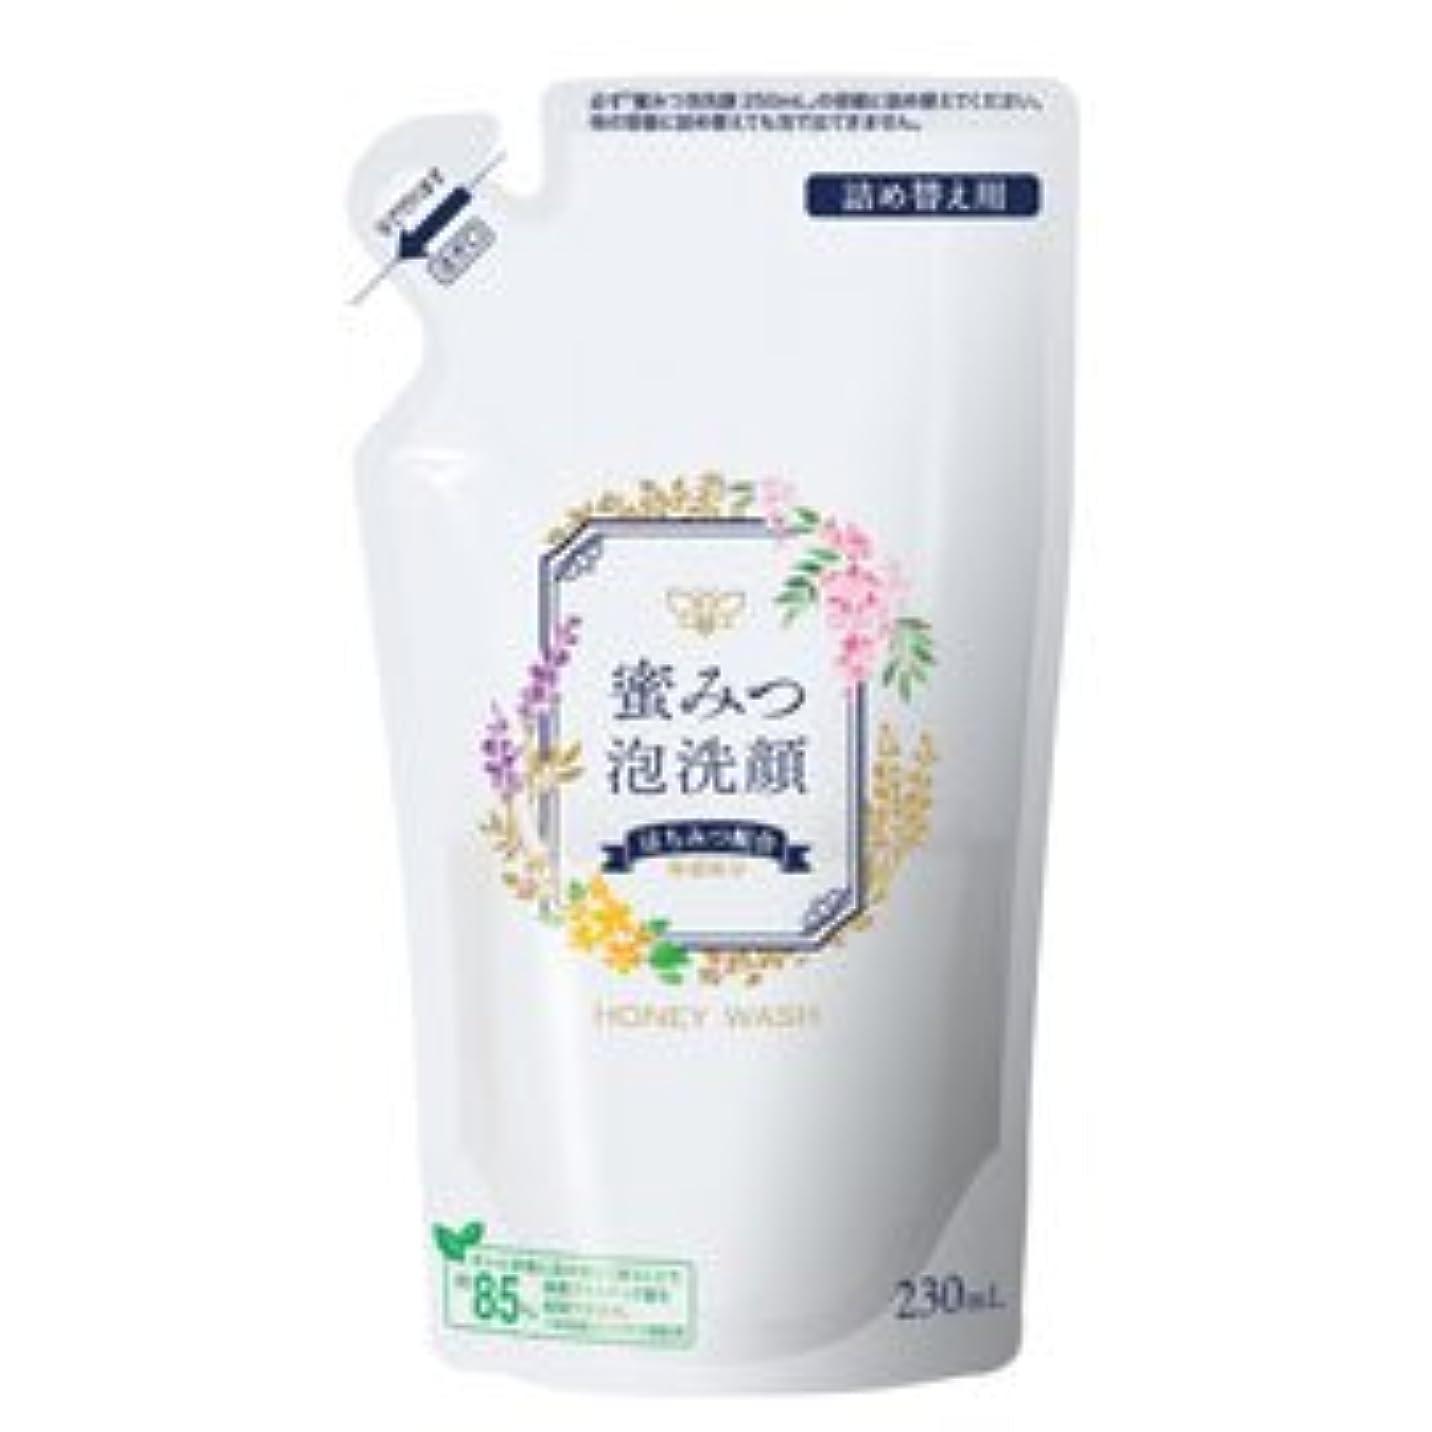 蜜みつ泡洗顔 230mL(詰替用)